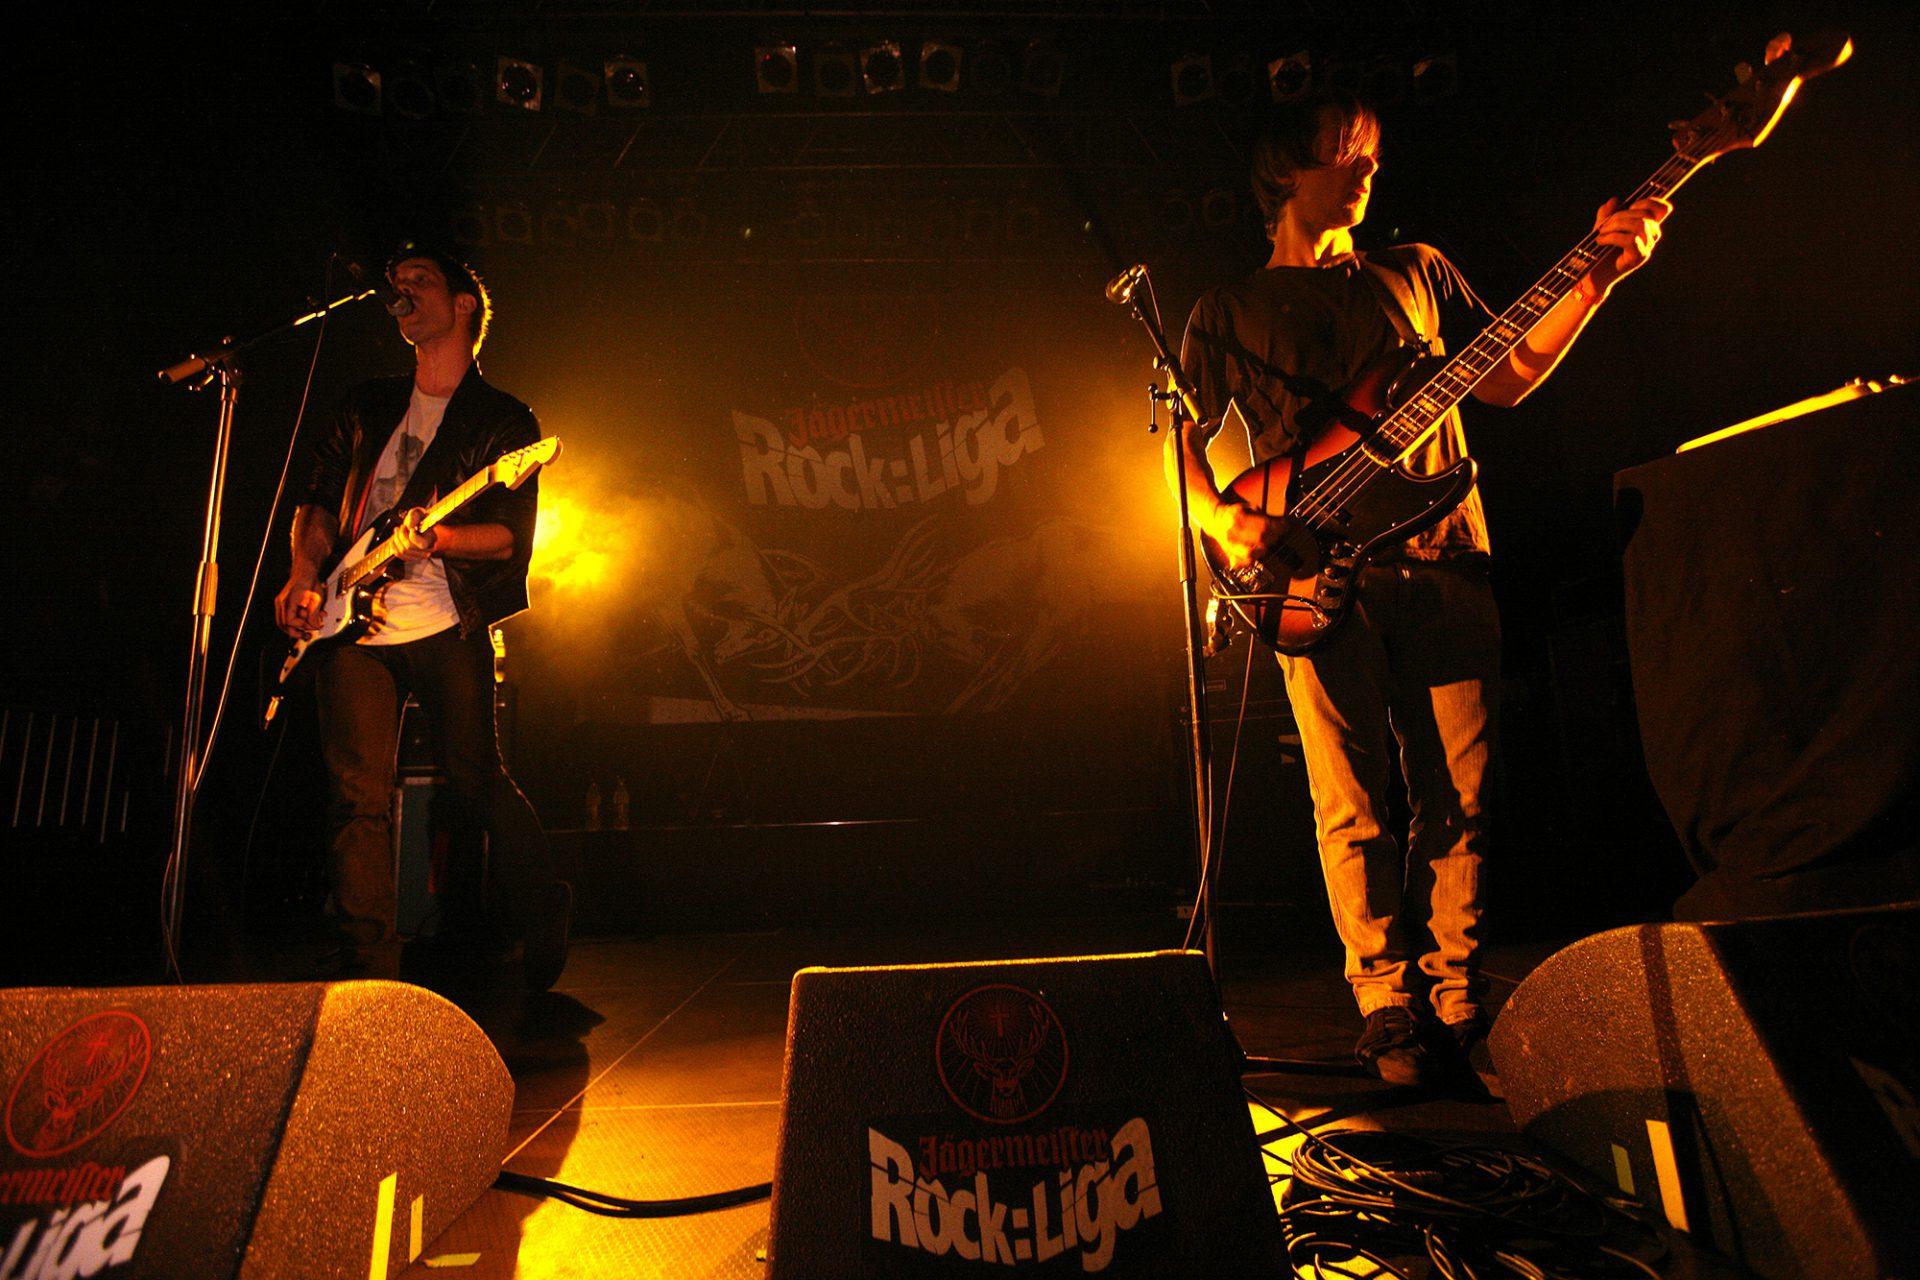 Konzert der Jägermeister Rock Liga mit Rockband mit Logo der Veranstaltung im Hintergrund. Markenstrategie von Realgestalt